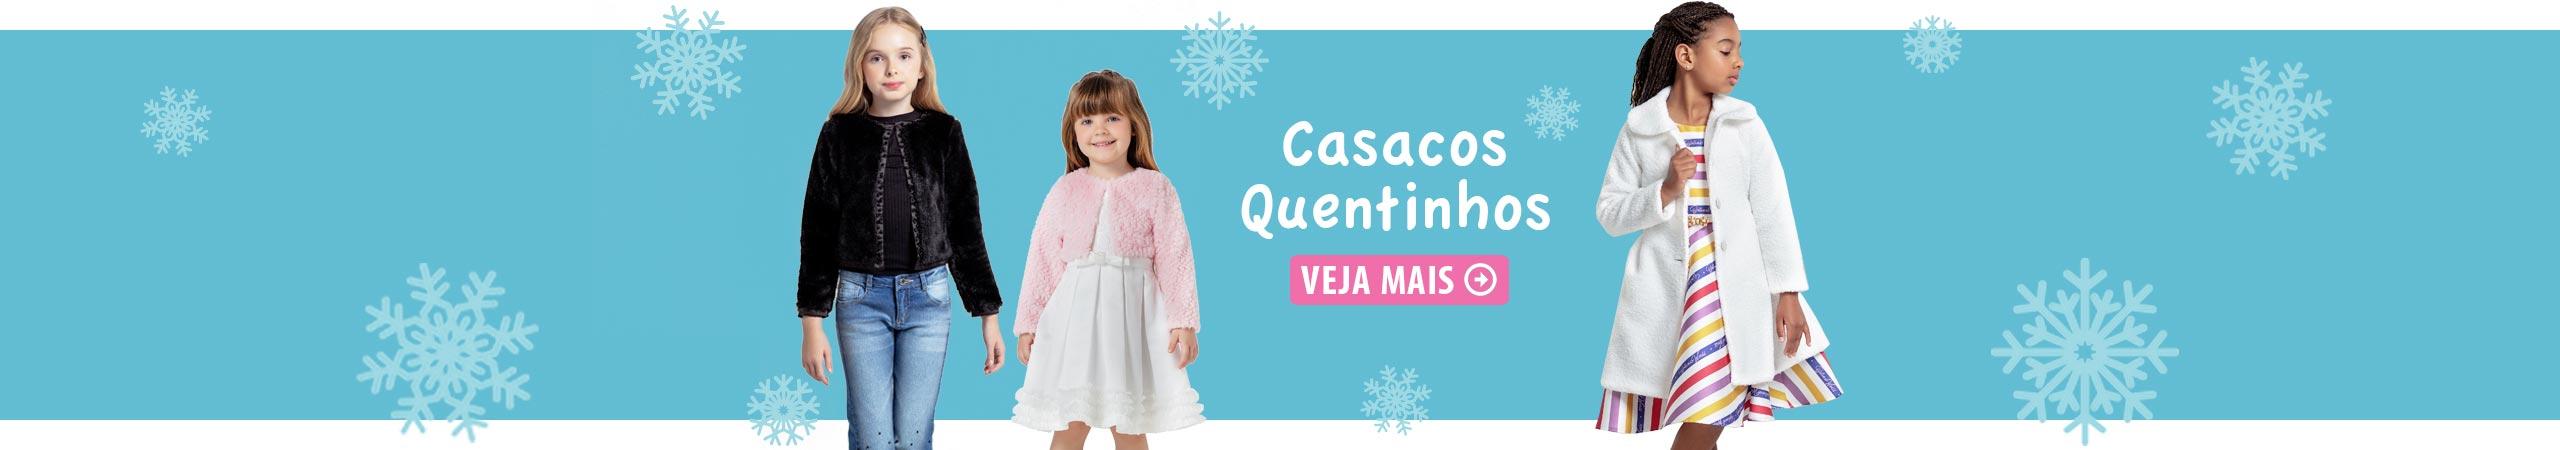 Casacos Quentinhos - Pink Ninas